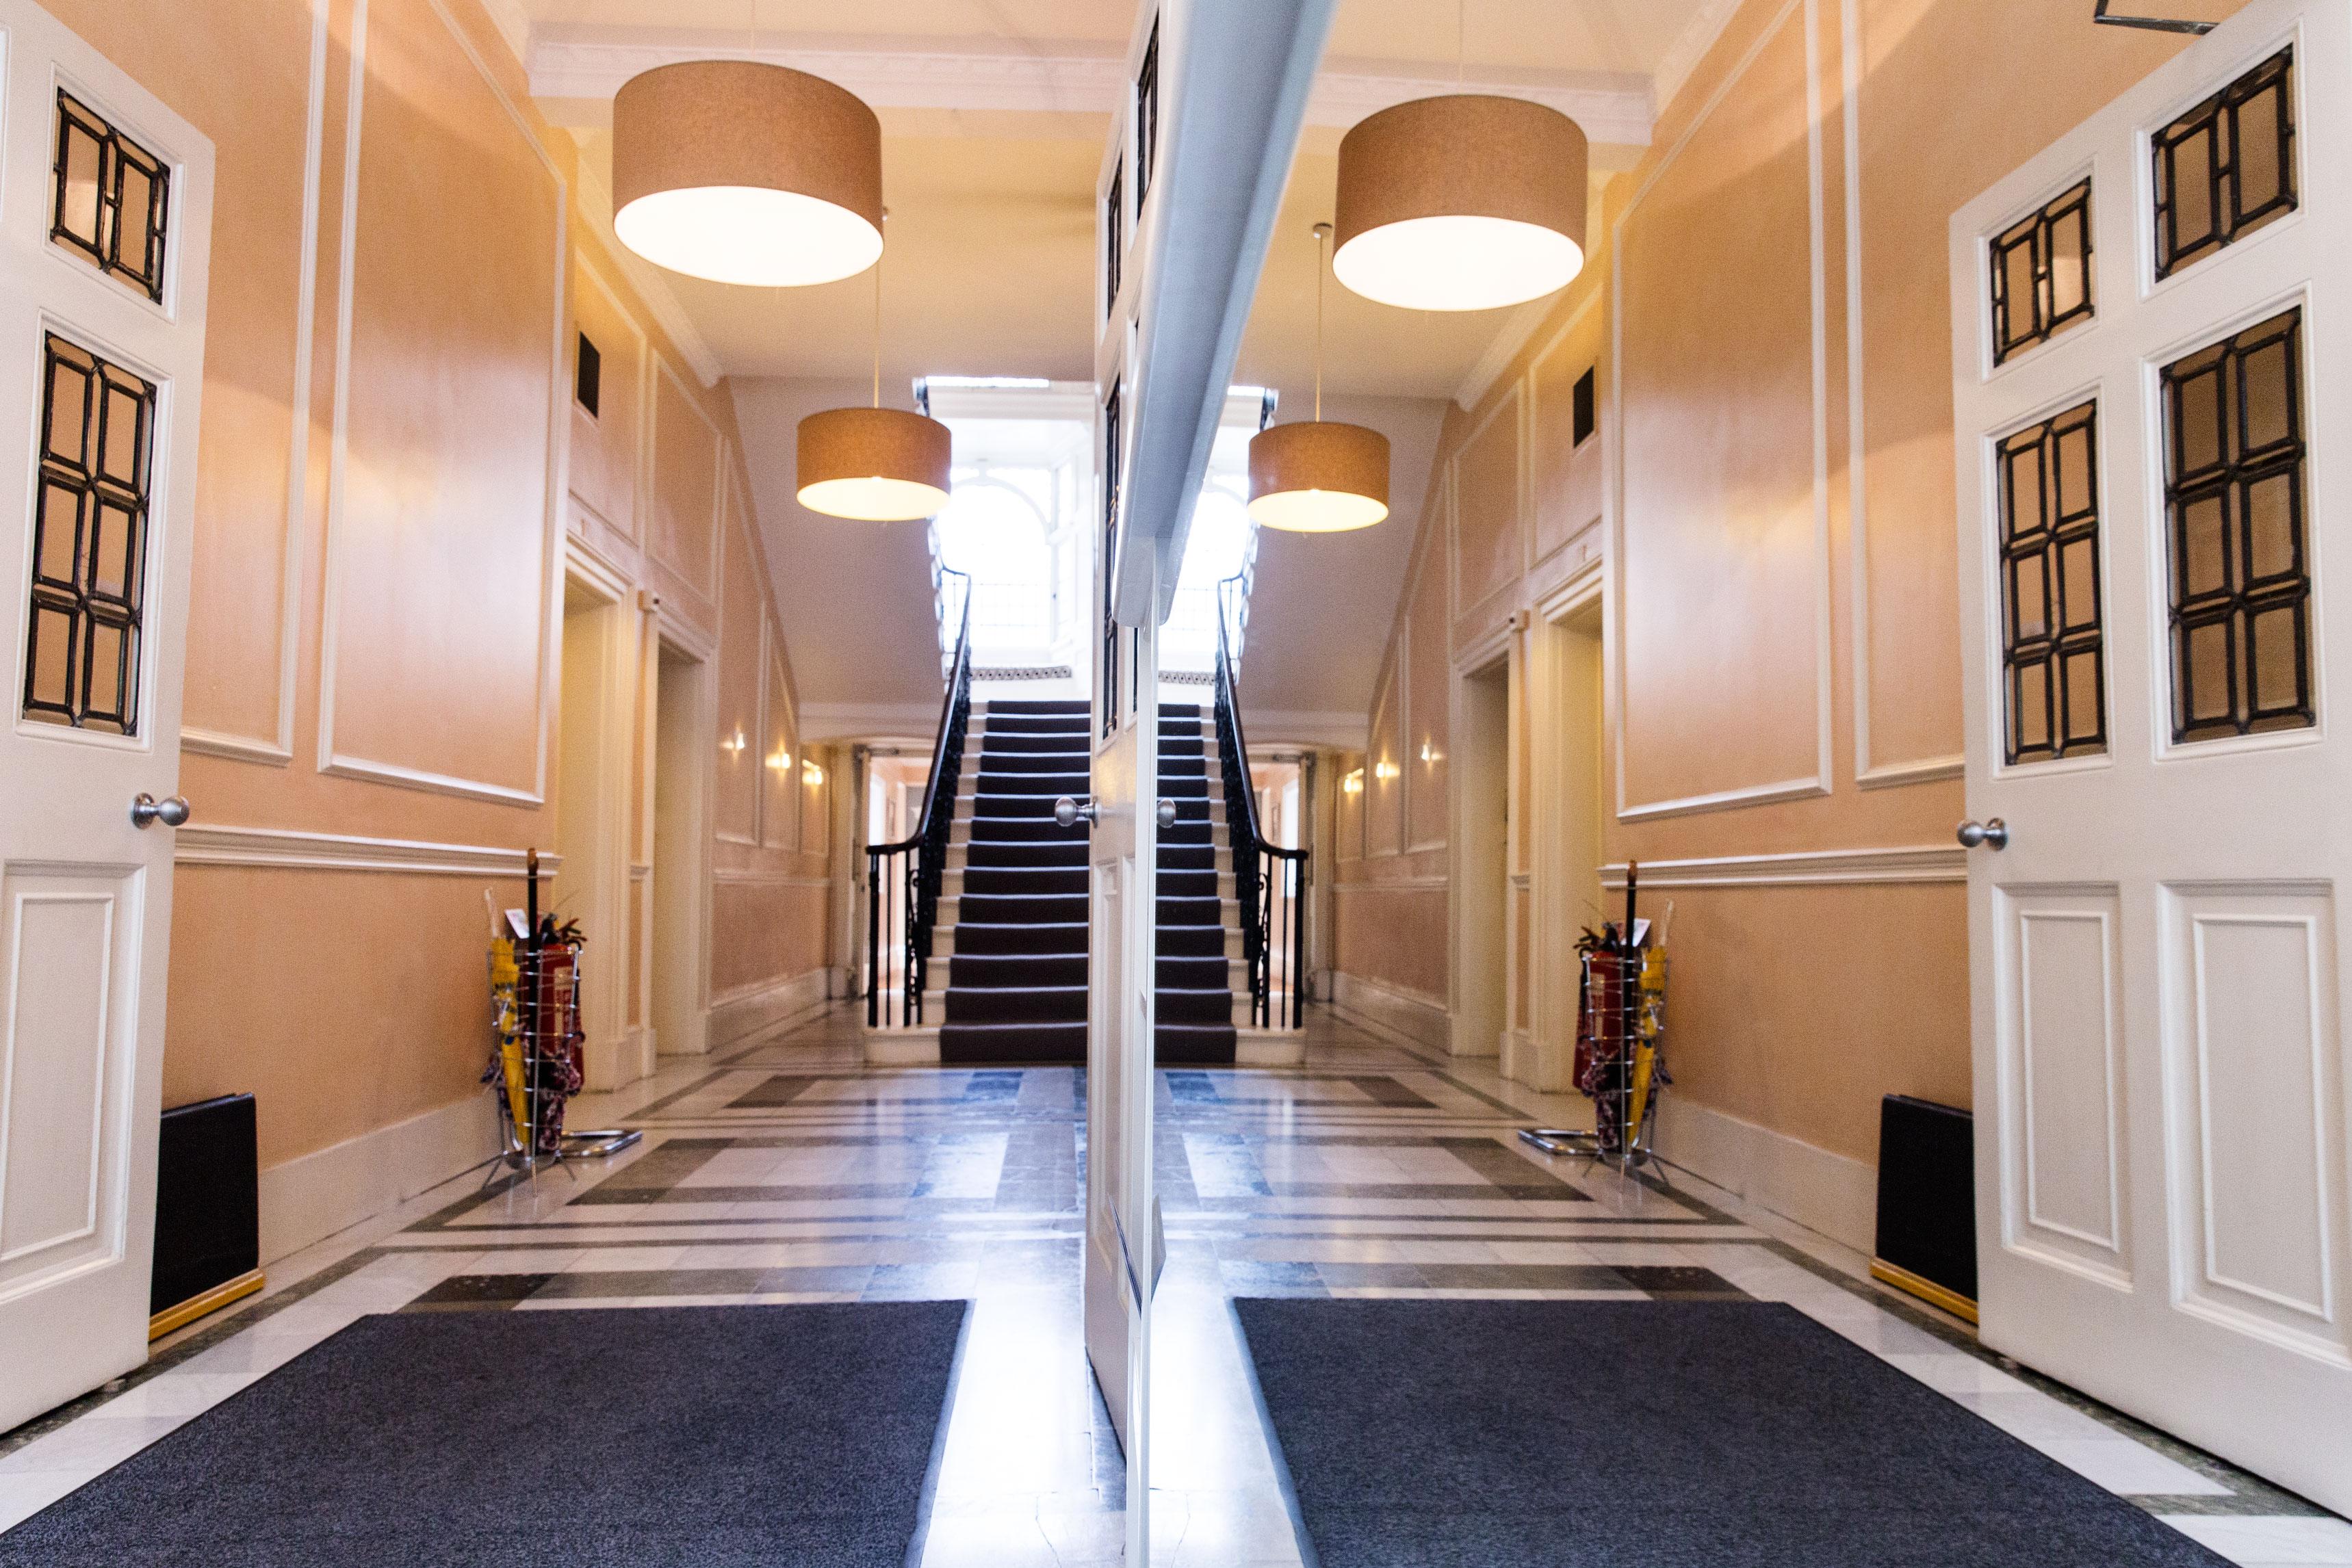 Wimpole Eye Clinic, London - Inside